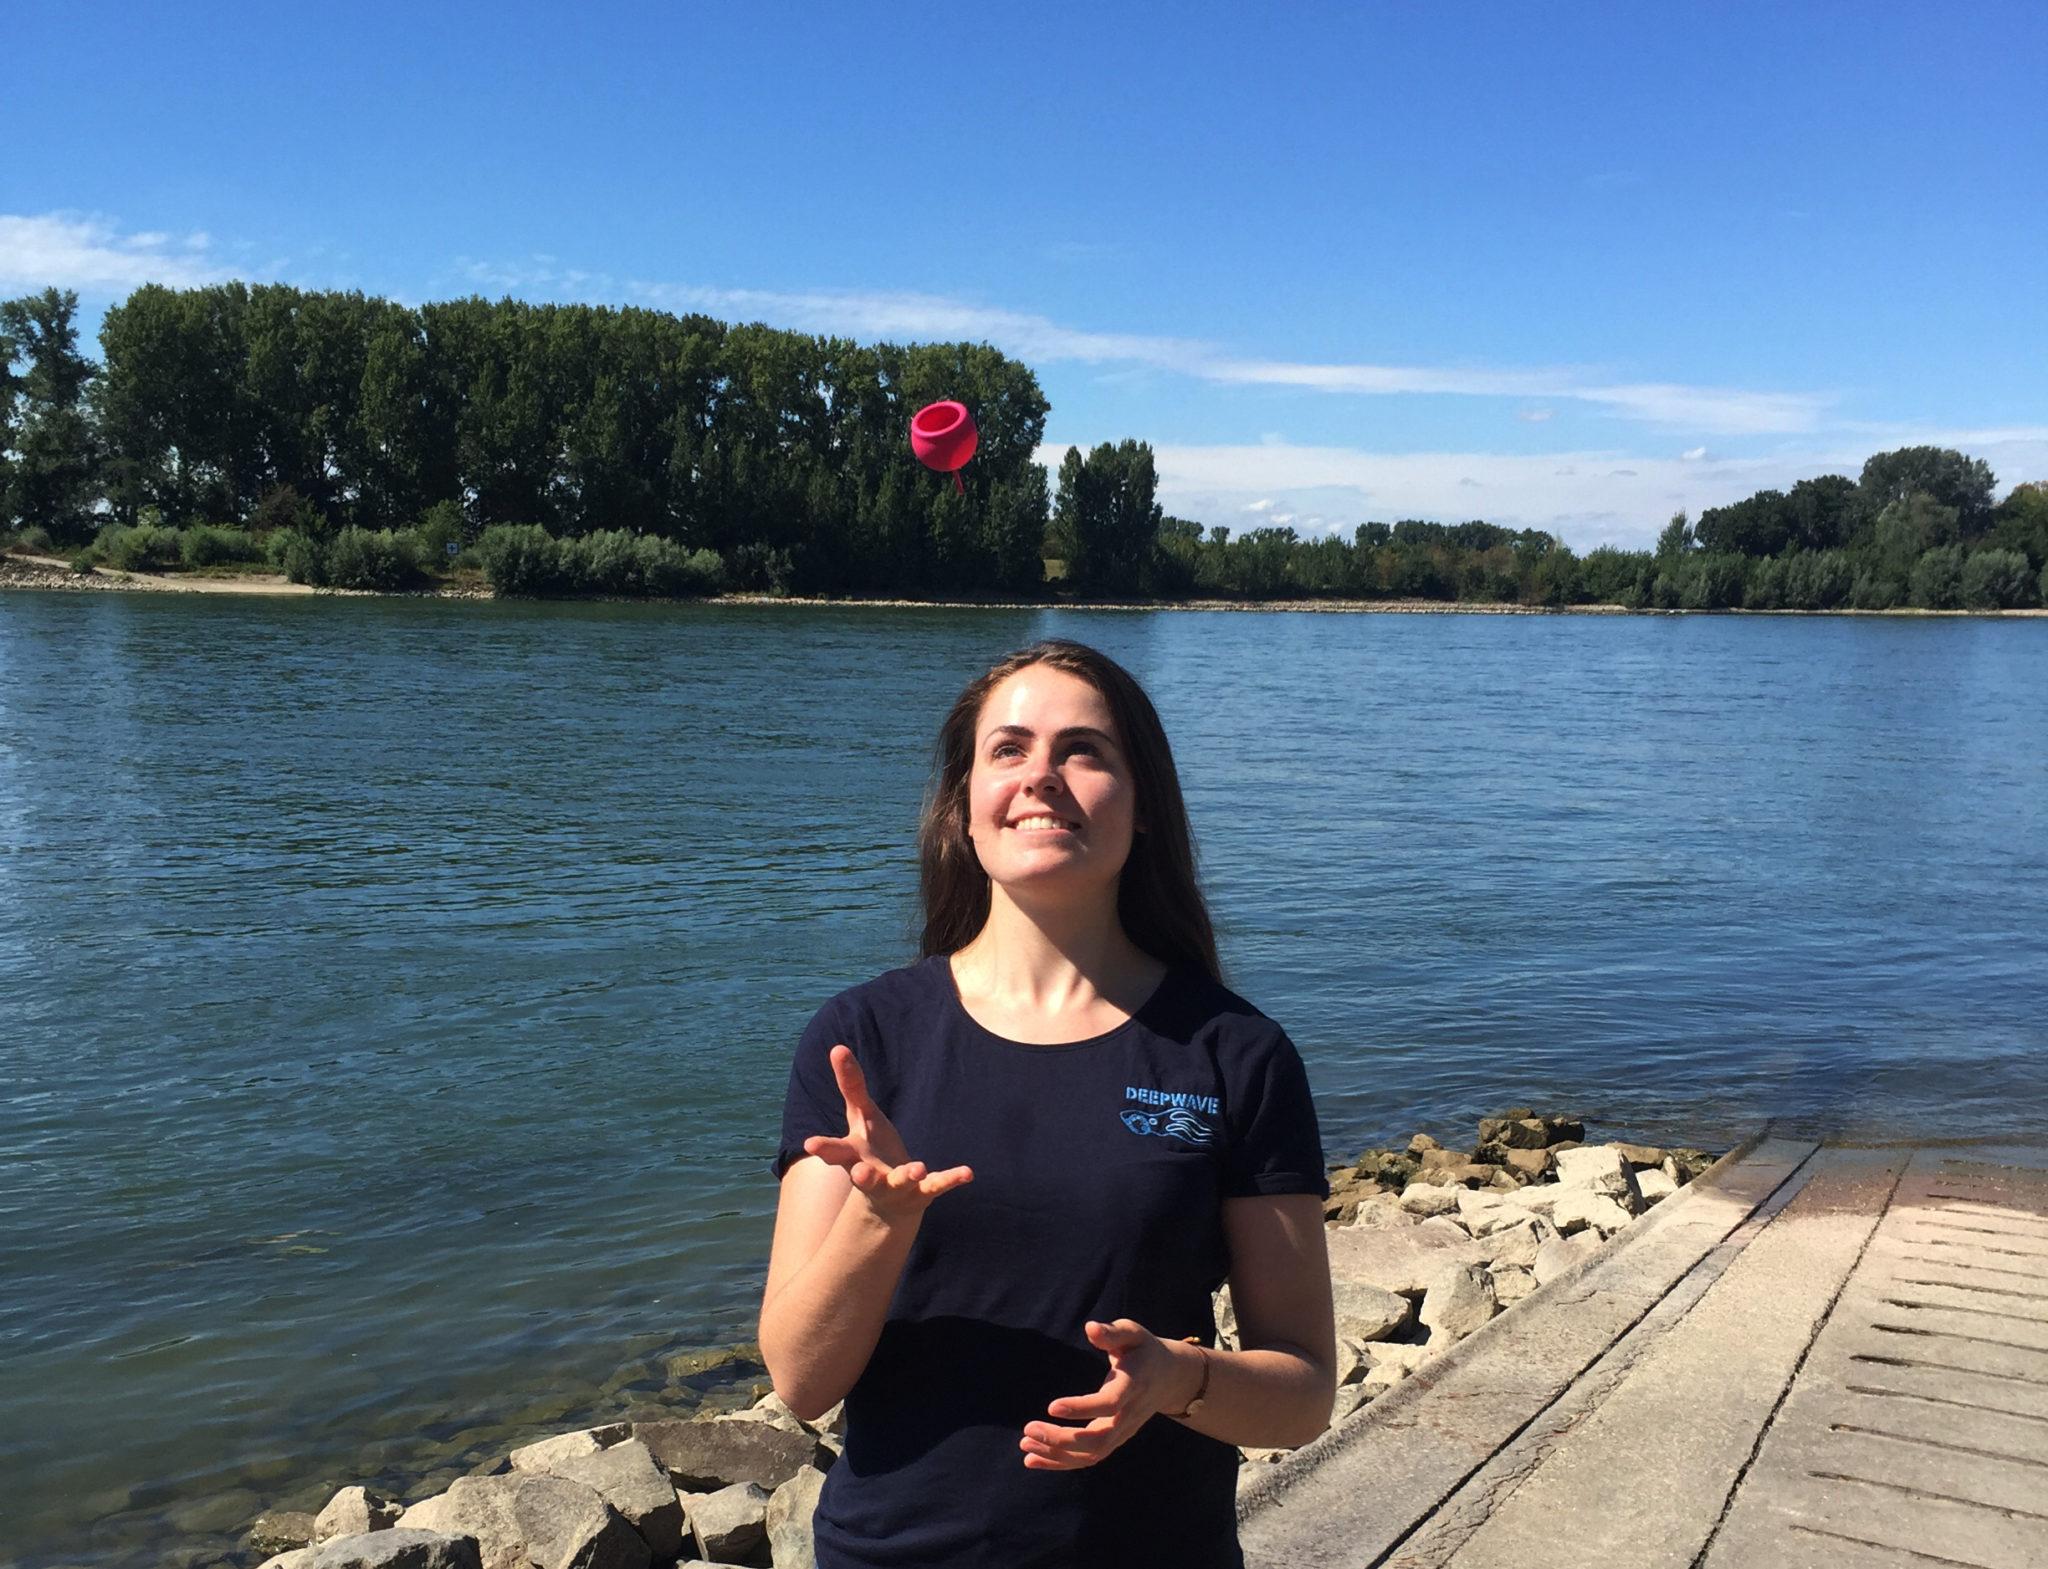 Eine Frau mit blauem DEEPWAVE T-Shirt steht lachend am Rheinufer und wirft eine pinke Tasse (Menstruationscup) in die Luft, die ihr in die geöffnete Hand fallen wird.